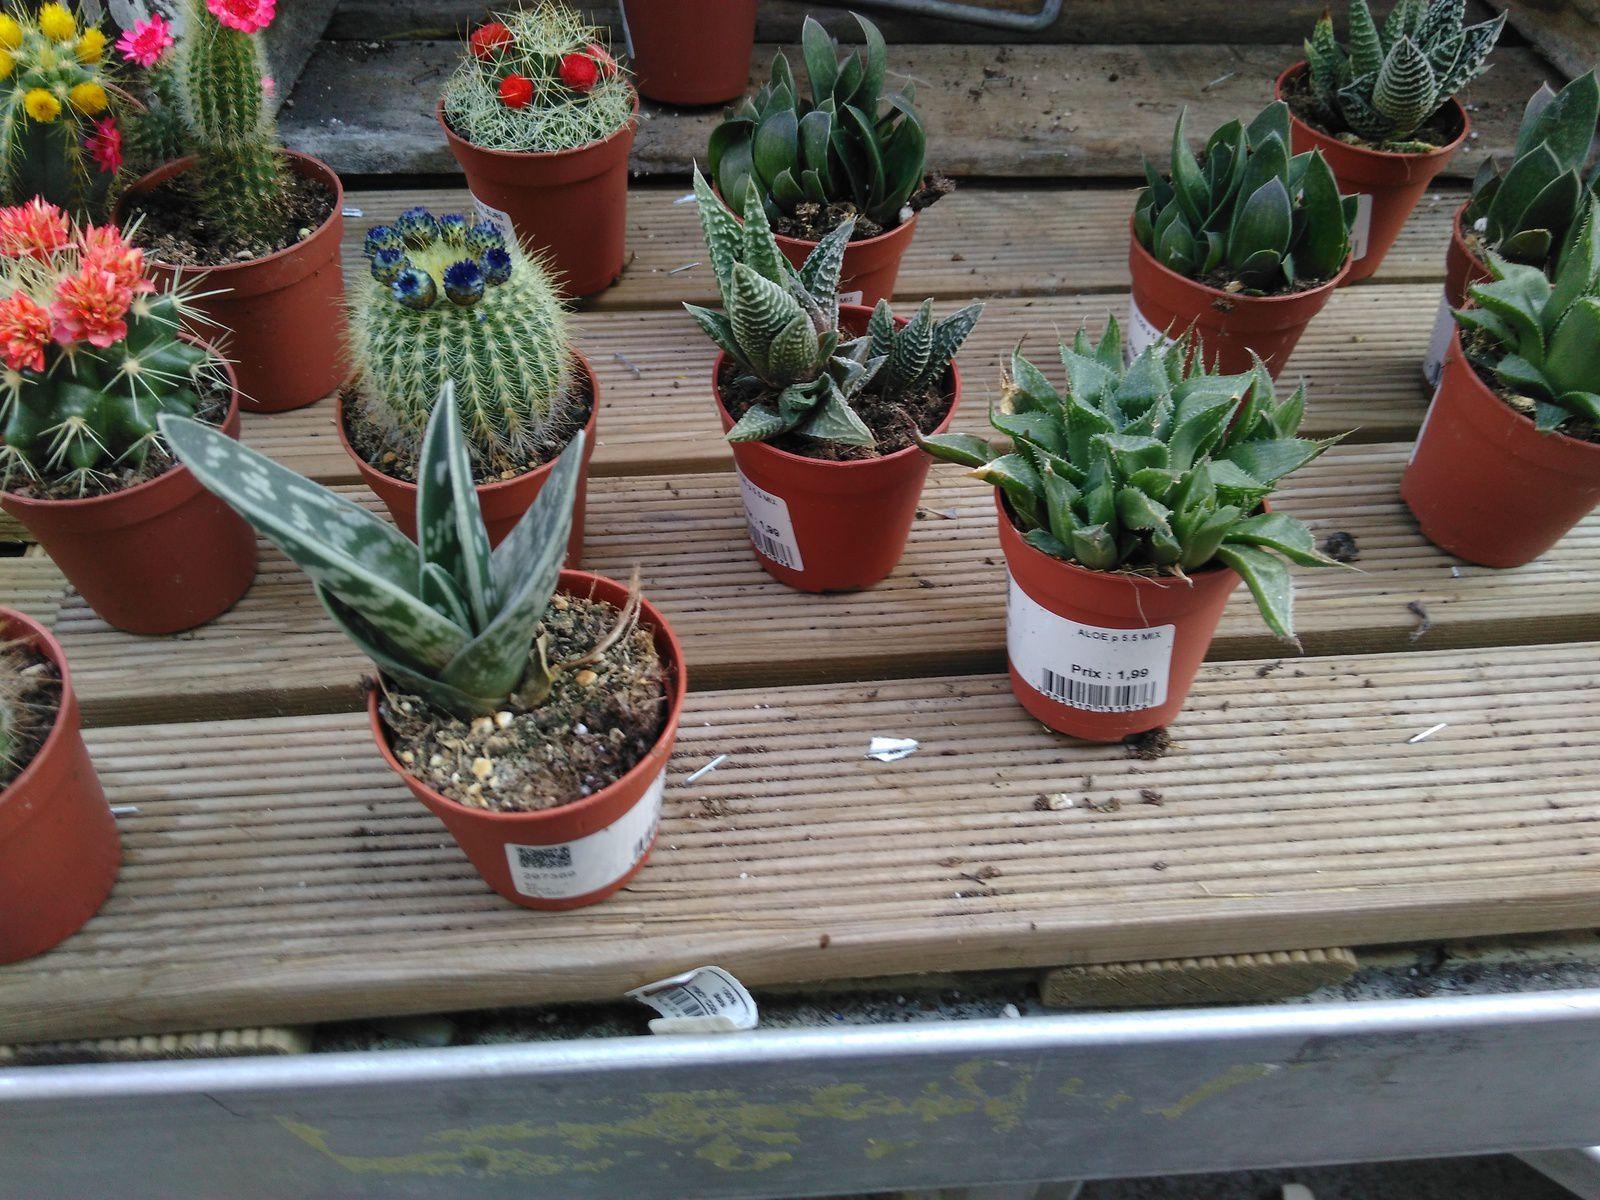 Comment Faire Un Terrarium Plante Grasse notre terrarium plantes grasses - mots et maux d'isa